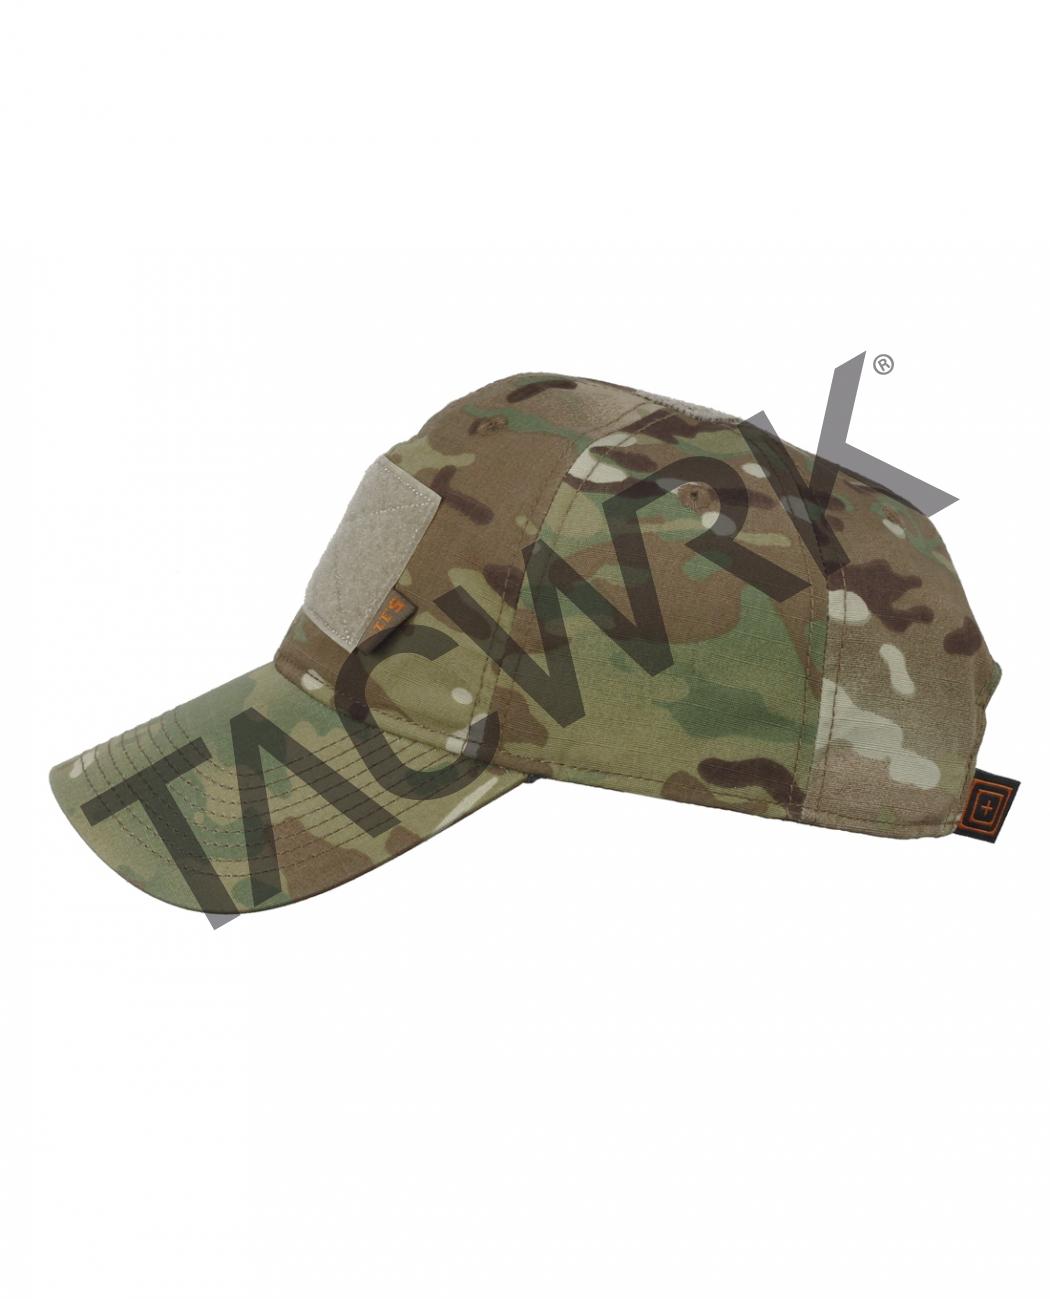 cfb37d4440e42 5.11 Tactical FLAG BEARER MULTICAM CAP - TACWRK